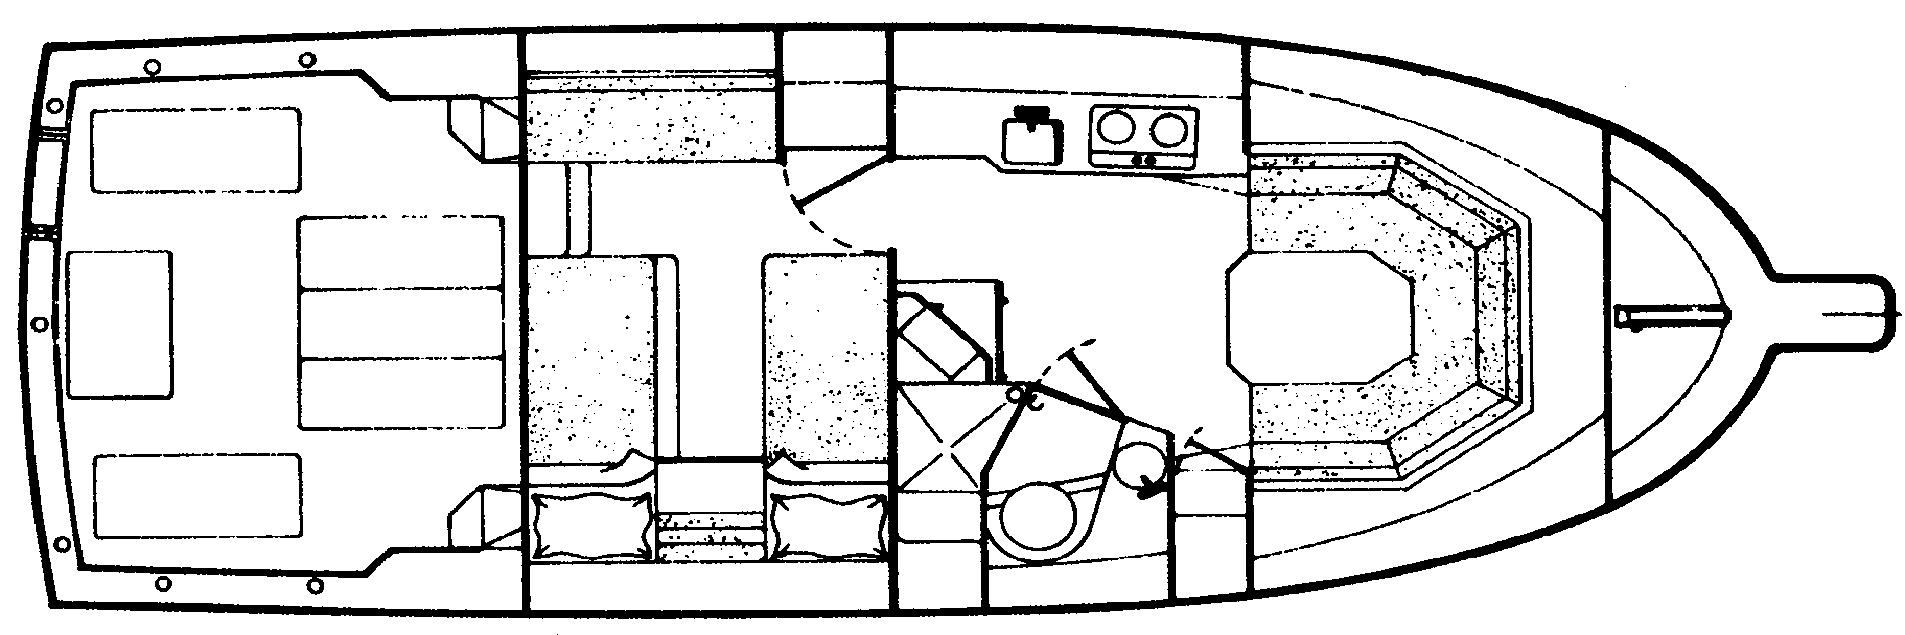 32+2 Command Bridge Floor Plan 2